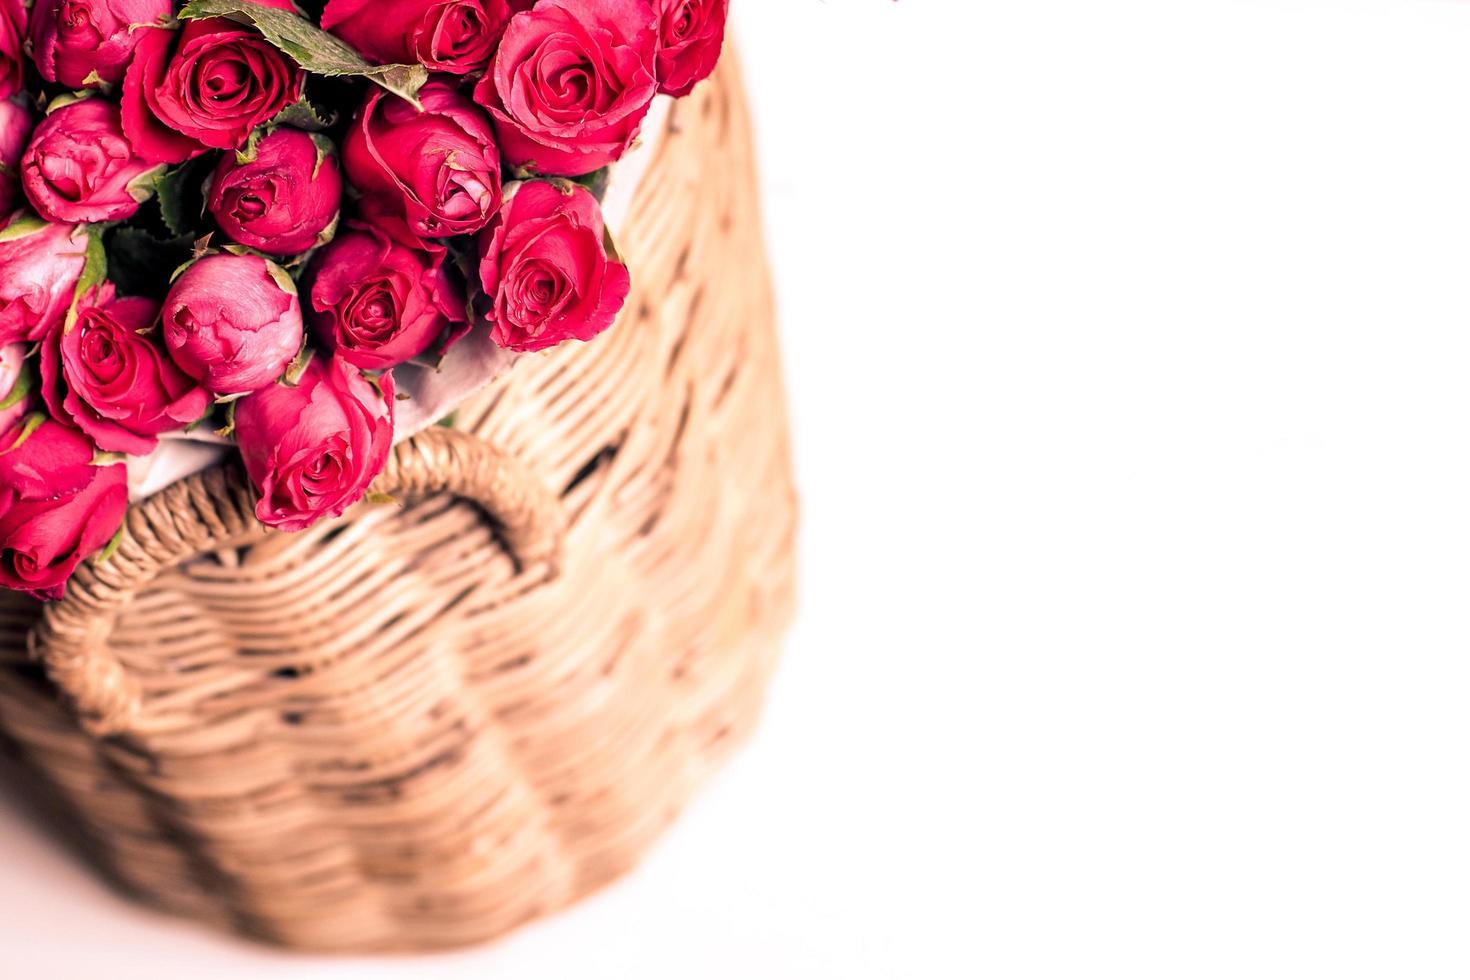 mooi boeket van rode rozen in mand, geïsoleerd op wit foto